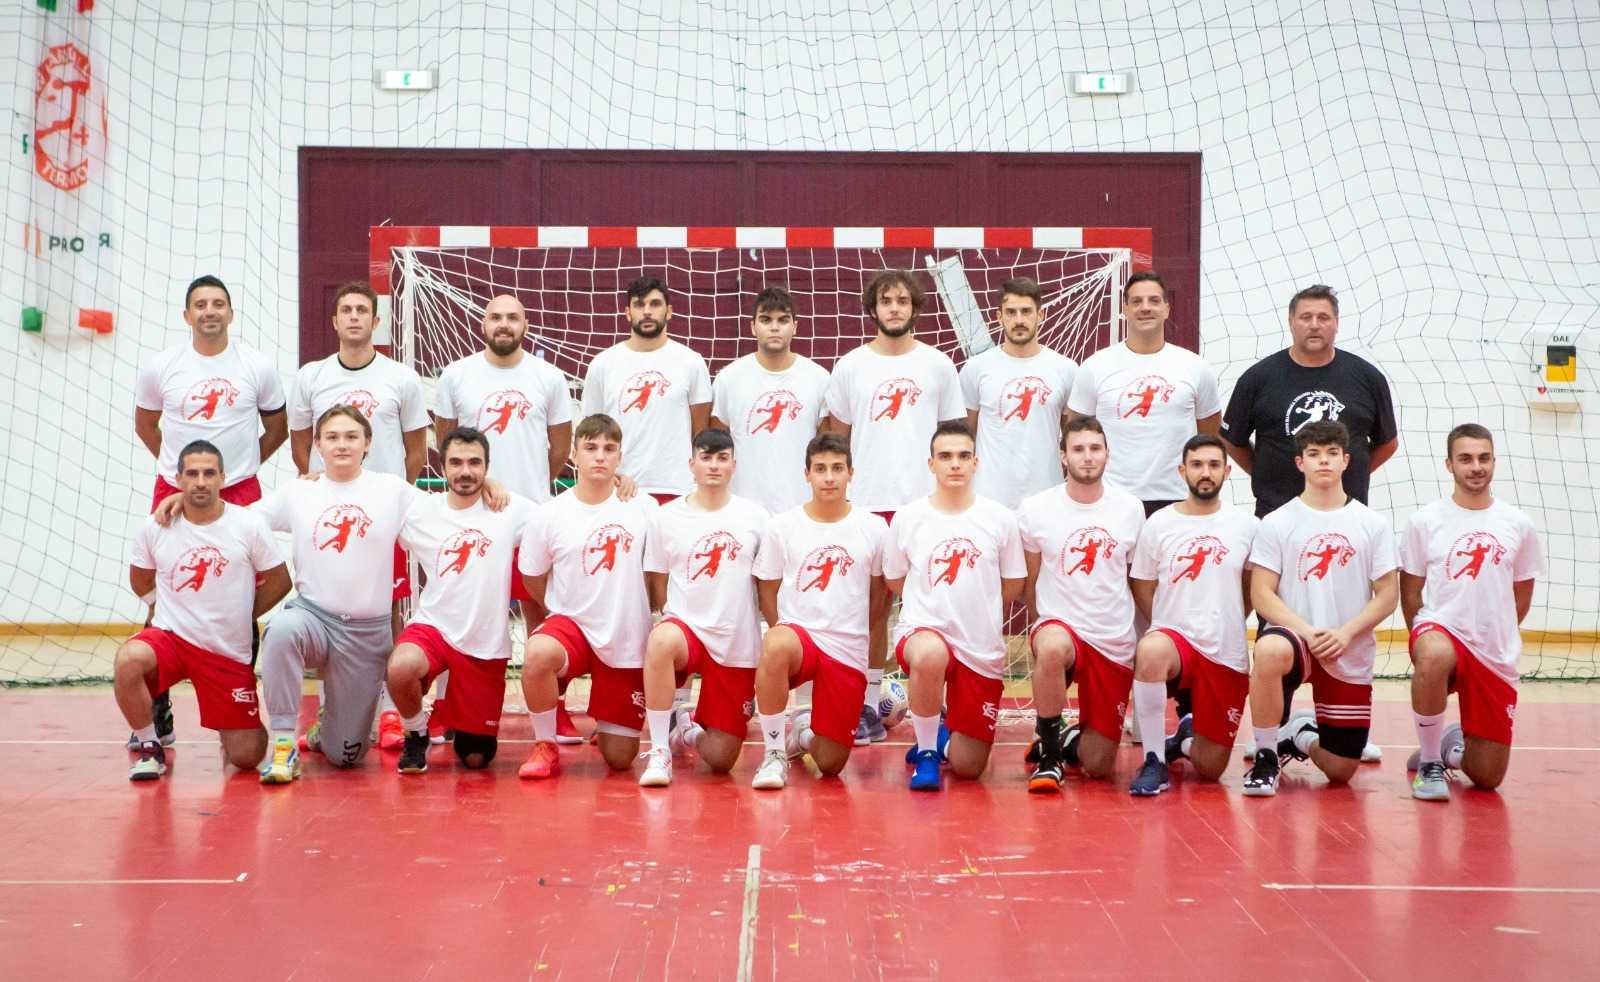 Maxi Coal Lions Handball Teramo pronta per la prima di campionato contro Cingoli